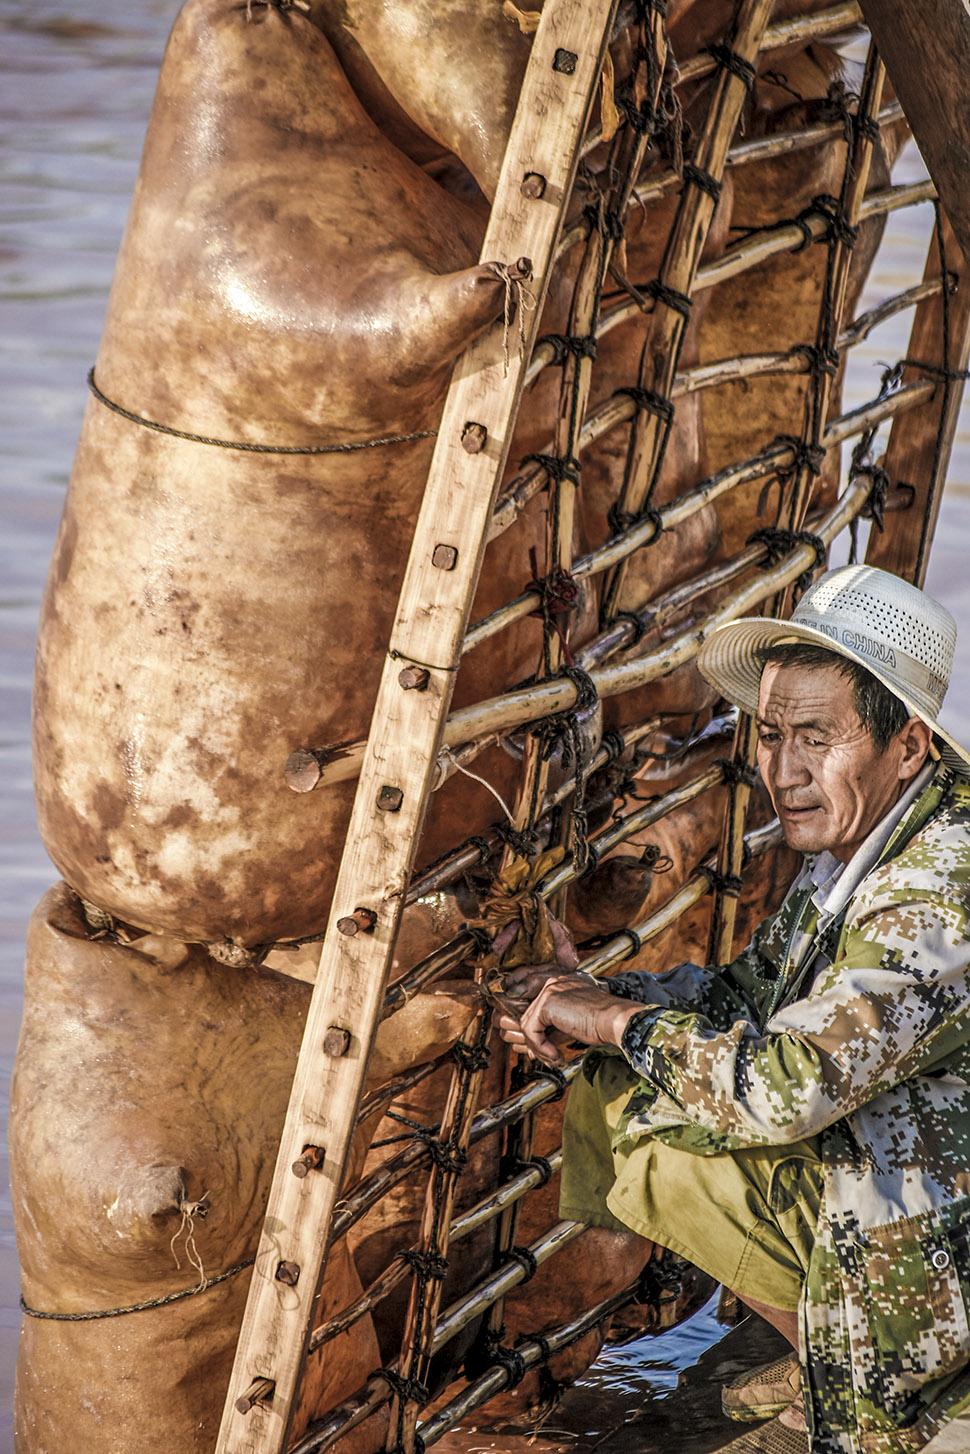 陈灵榆 我的摄影我的团青海线摄影作品- (5)-1 拷贝.jpg